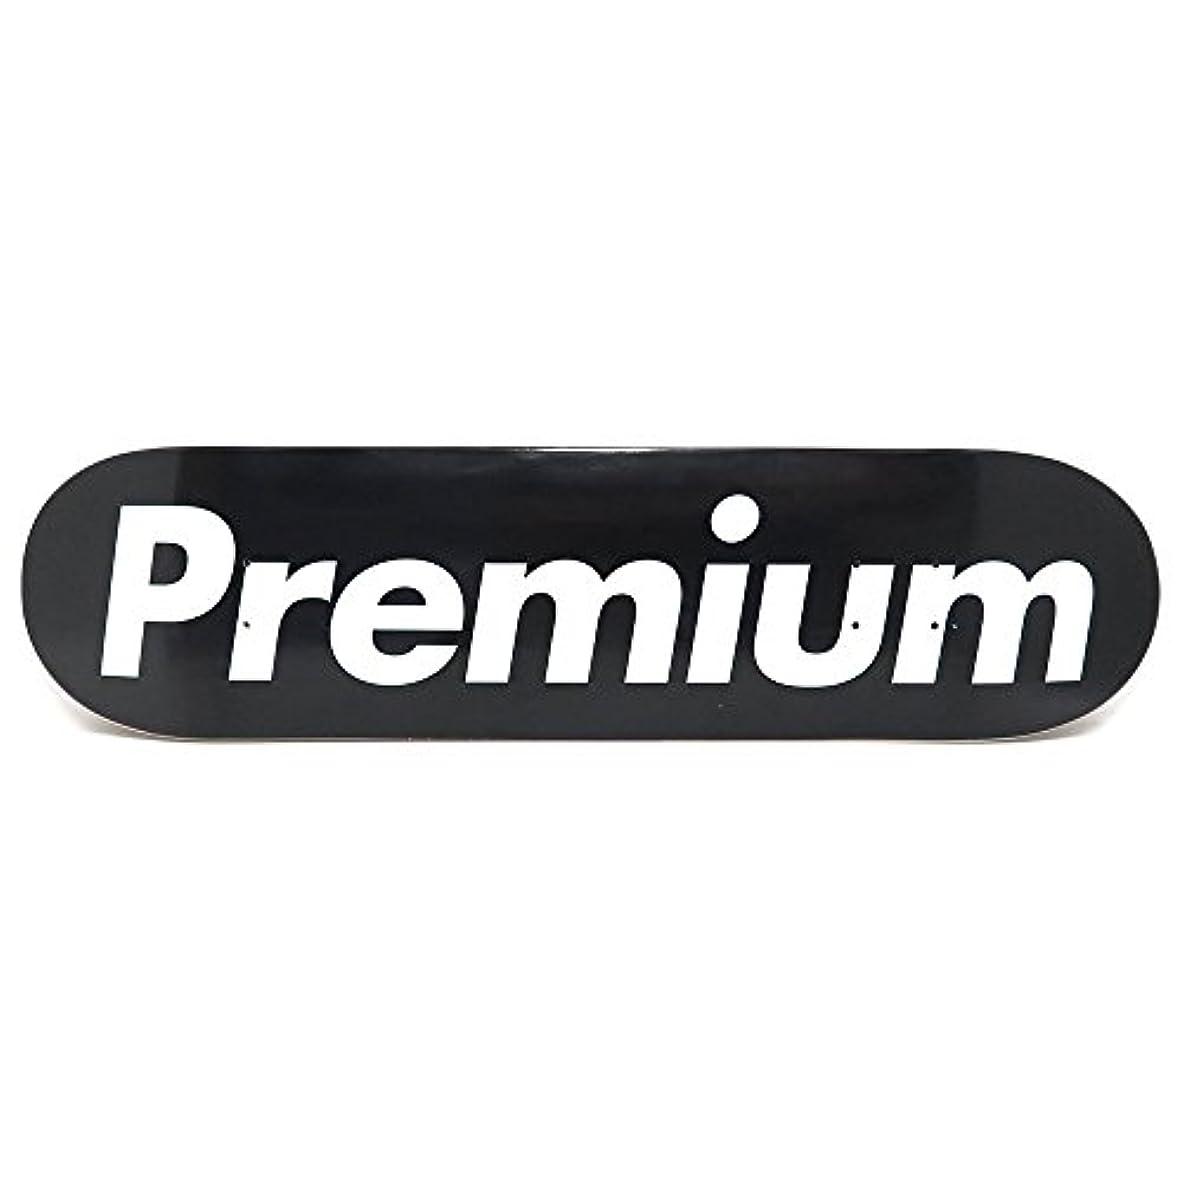 ストッキング消毒する腐食するPREMIUM DECK プレミアム デッキ TEAM SUPREMIUM BLACK 7.875 スケートボード スケボー SKATEBOARD